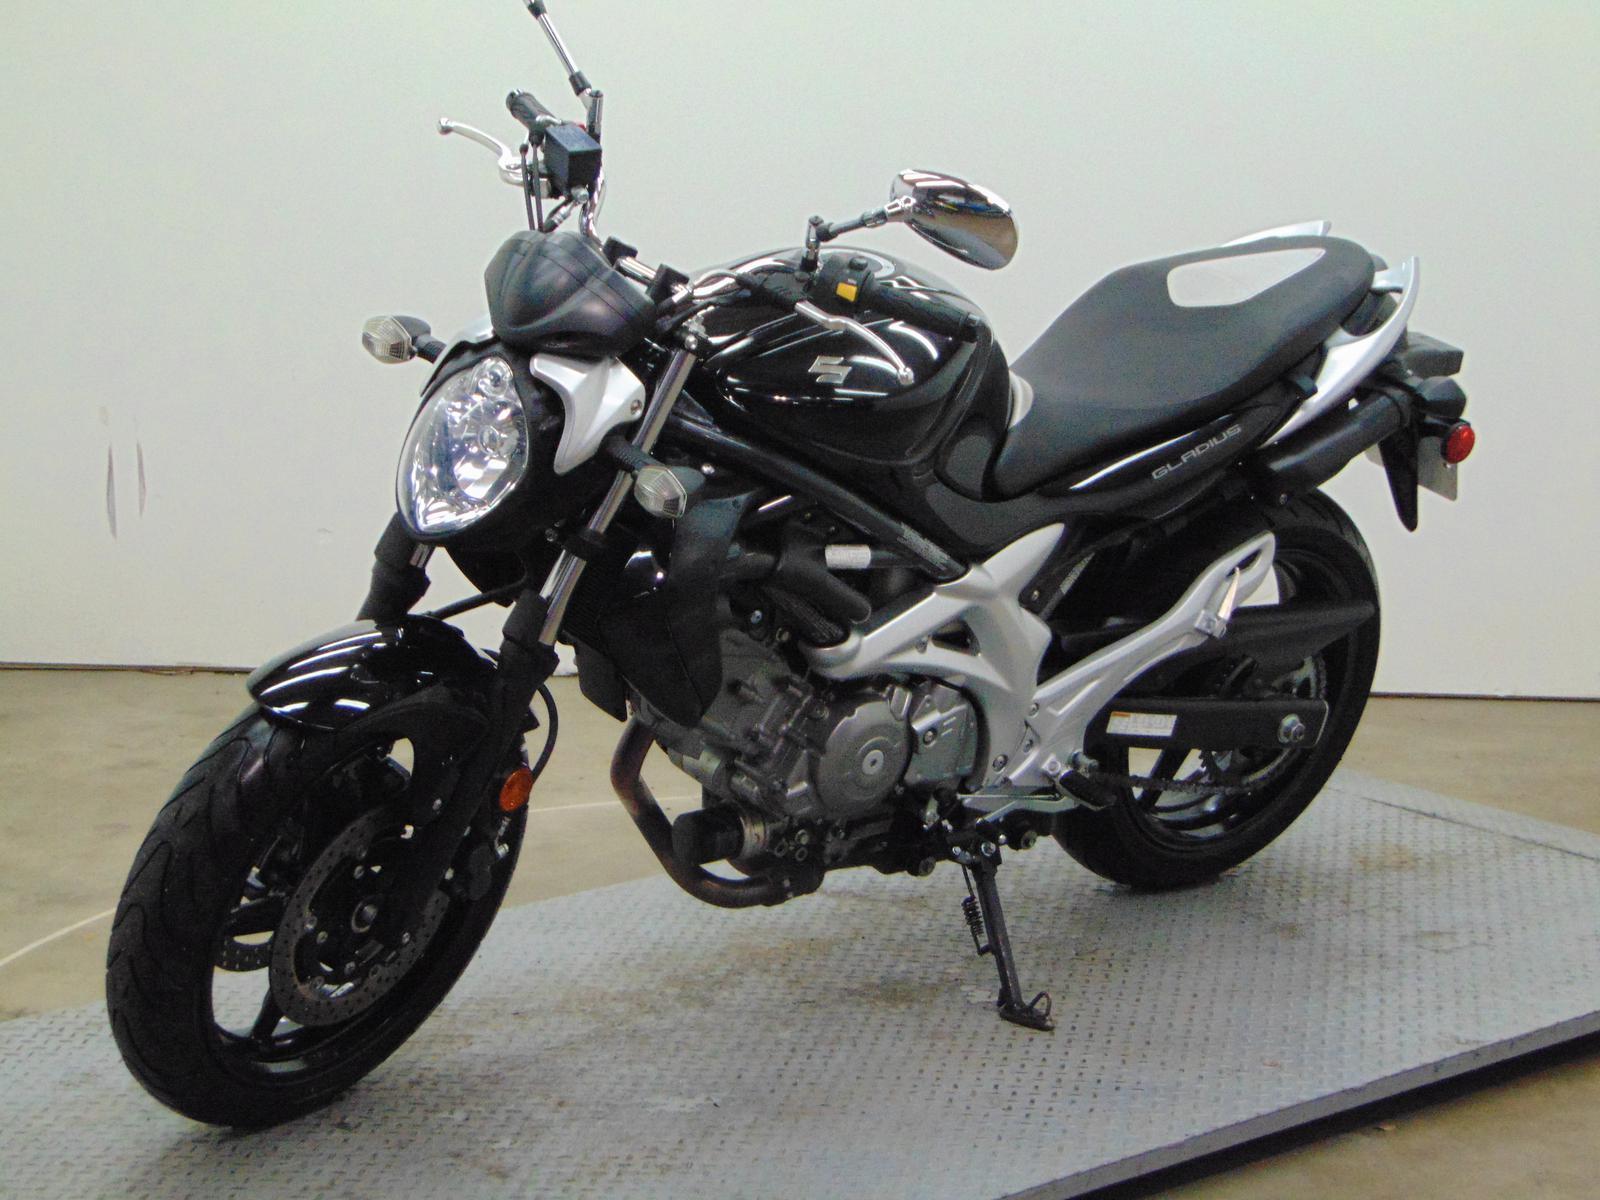 2009 Suzuki GLADIUS 650